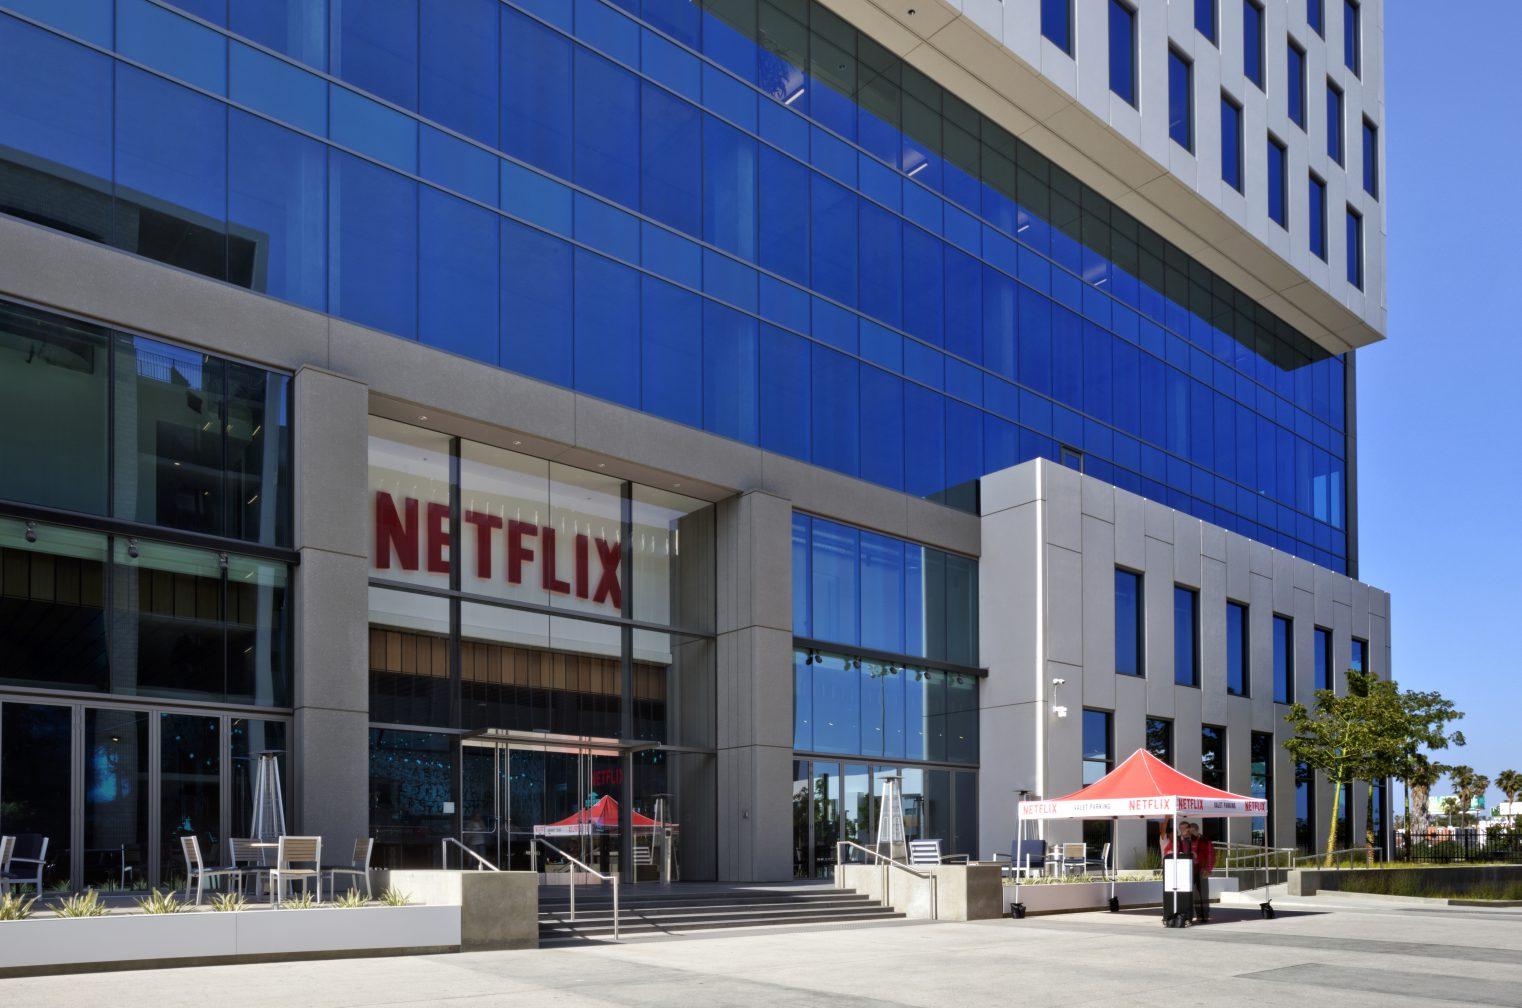 ネット配信大手「Netflix」に学ぶ 動画コンテンツの移り変わり